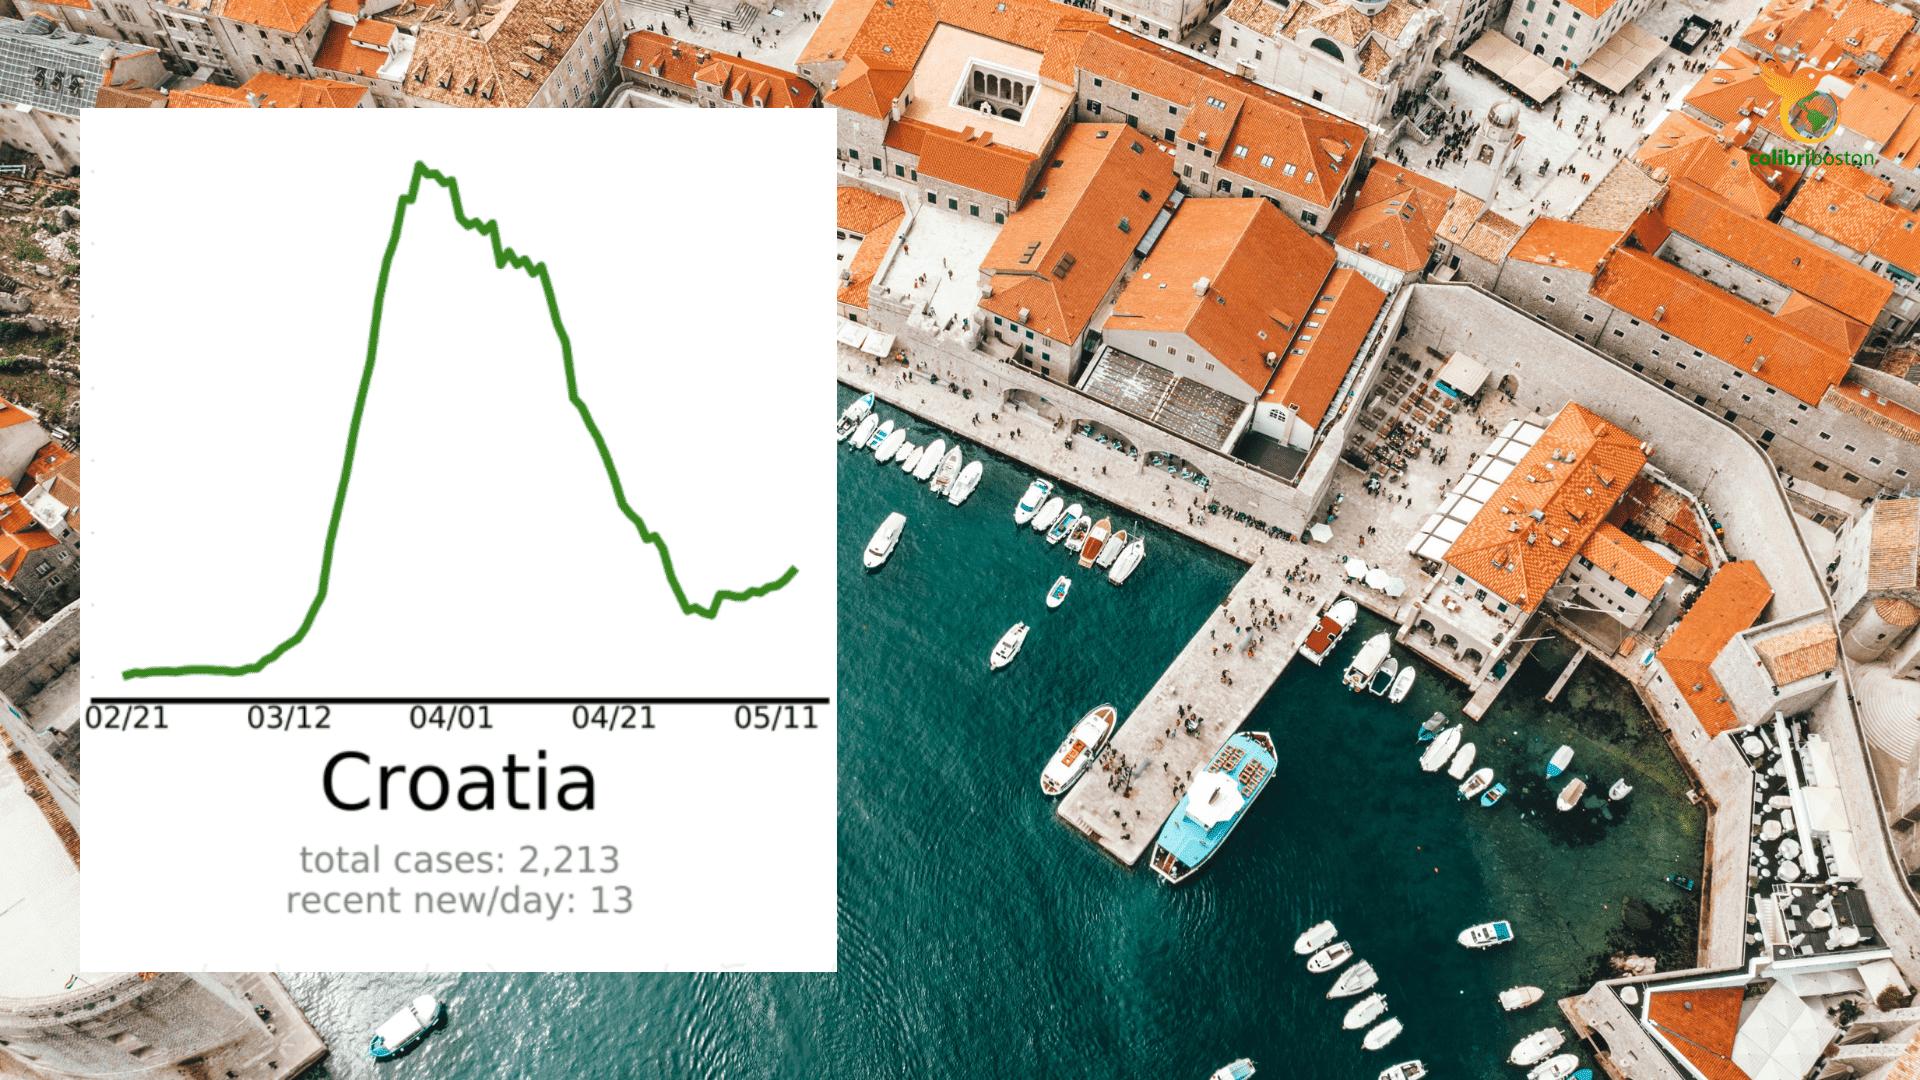 Croatia cases